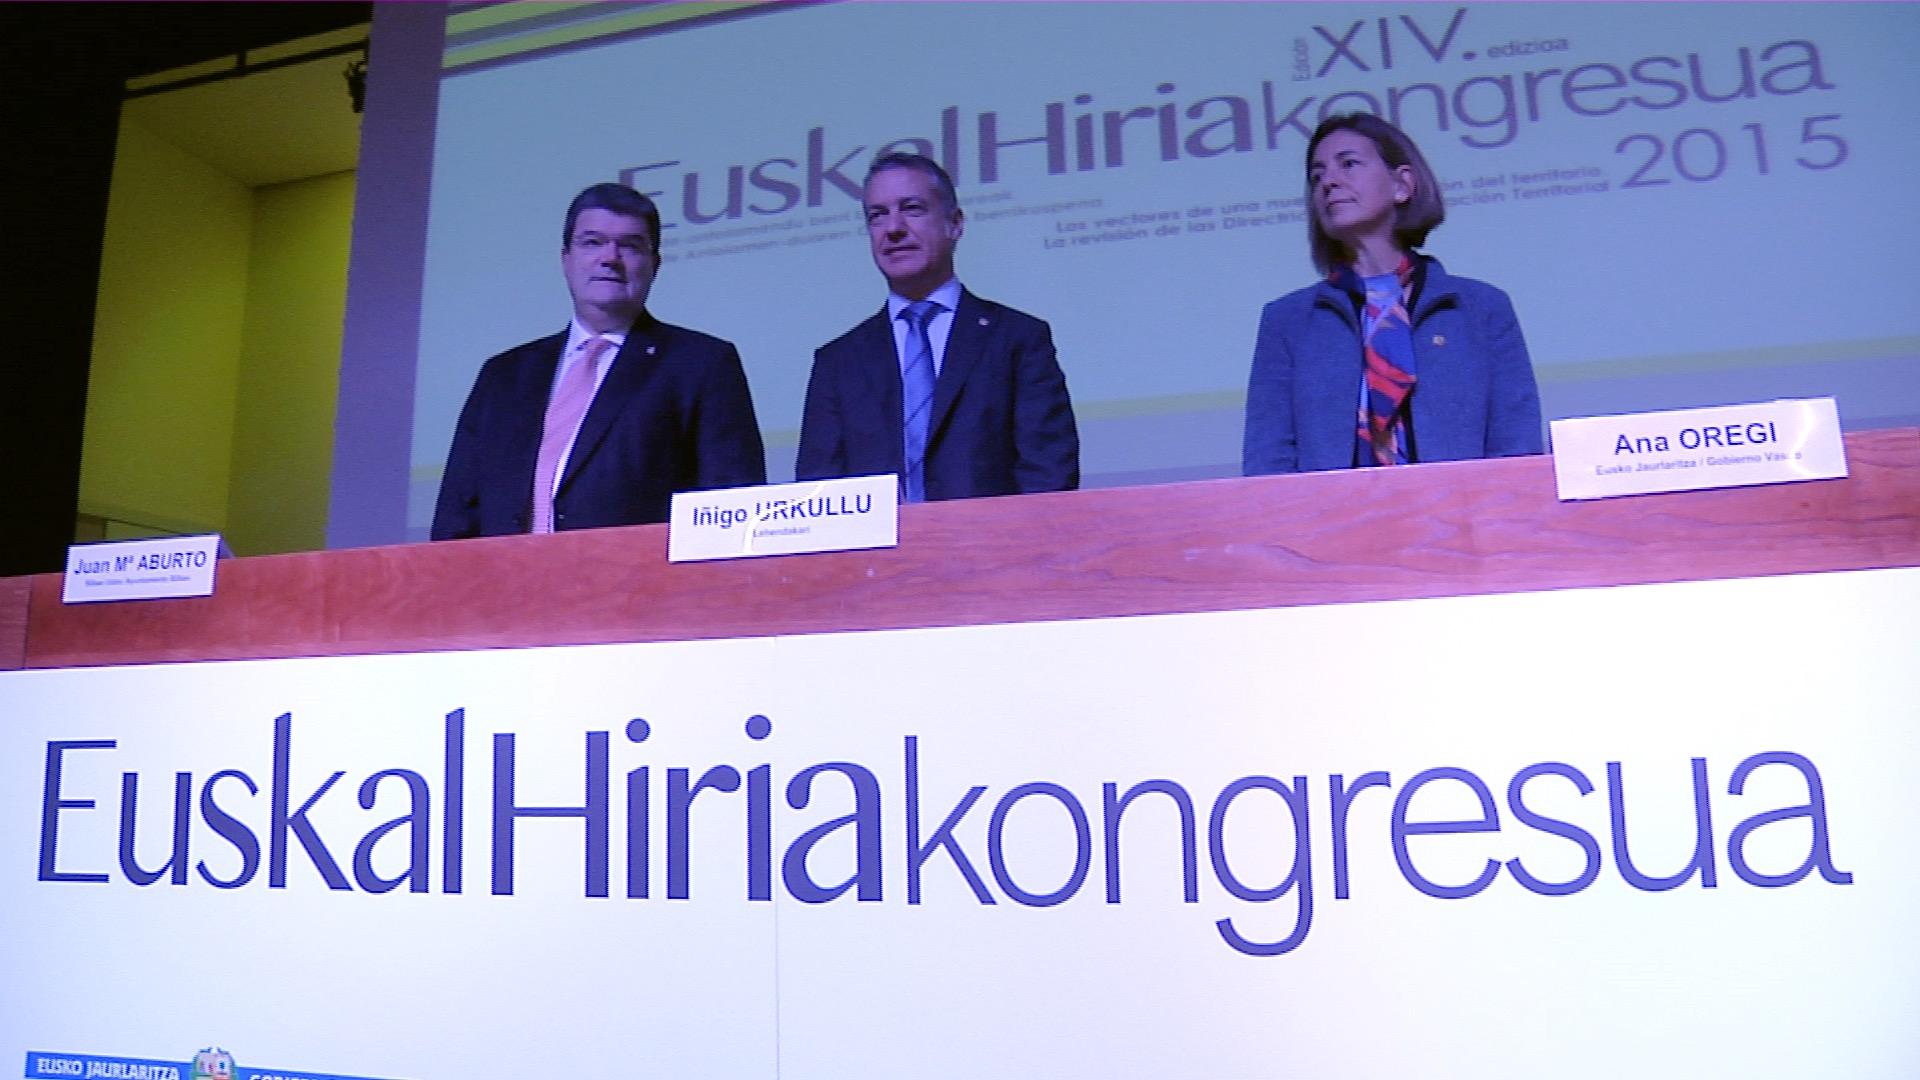 """El lehendakari propone la transformación de Euskadi en un territorio """"inteligente, sostenible, social e integrador, interrelacionado y participativo"""""""